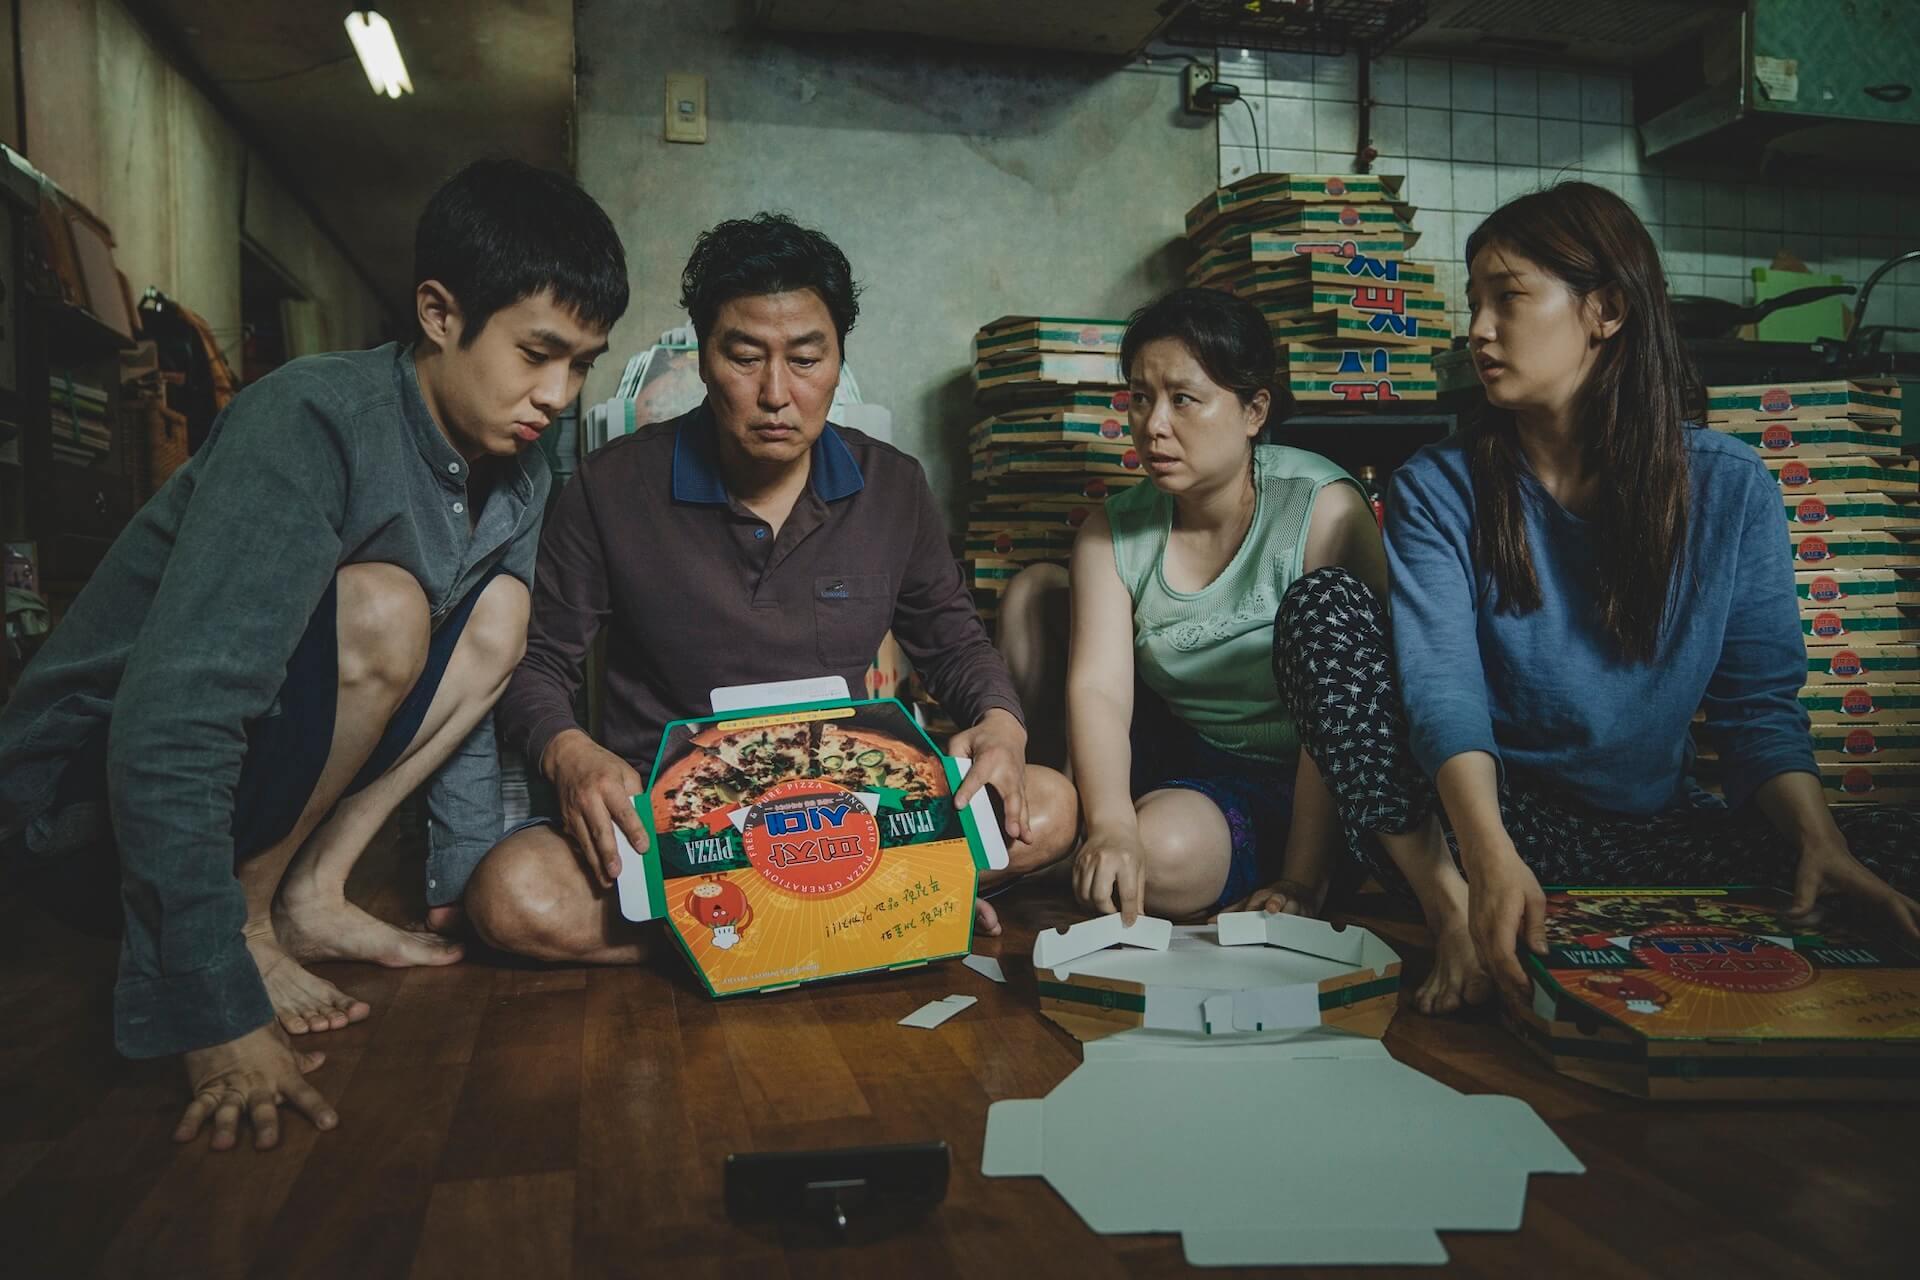 予測不能な物語の一端が垣間見える!?ポン・ジュノ監督最新作『パラサイト 半地下の家族』の場面写真が一挙公開 main-8